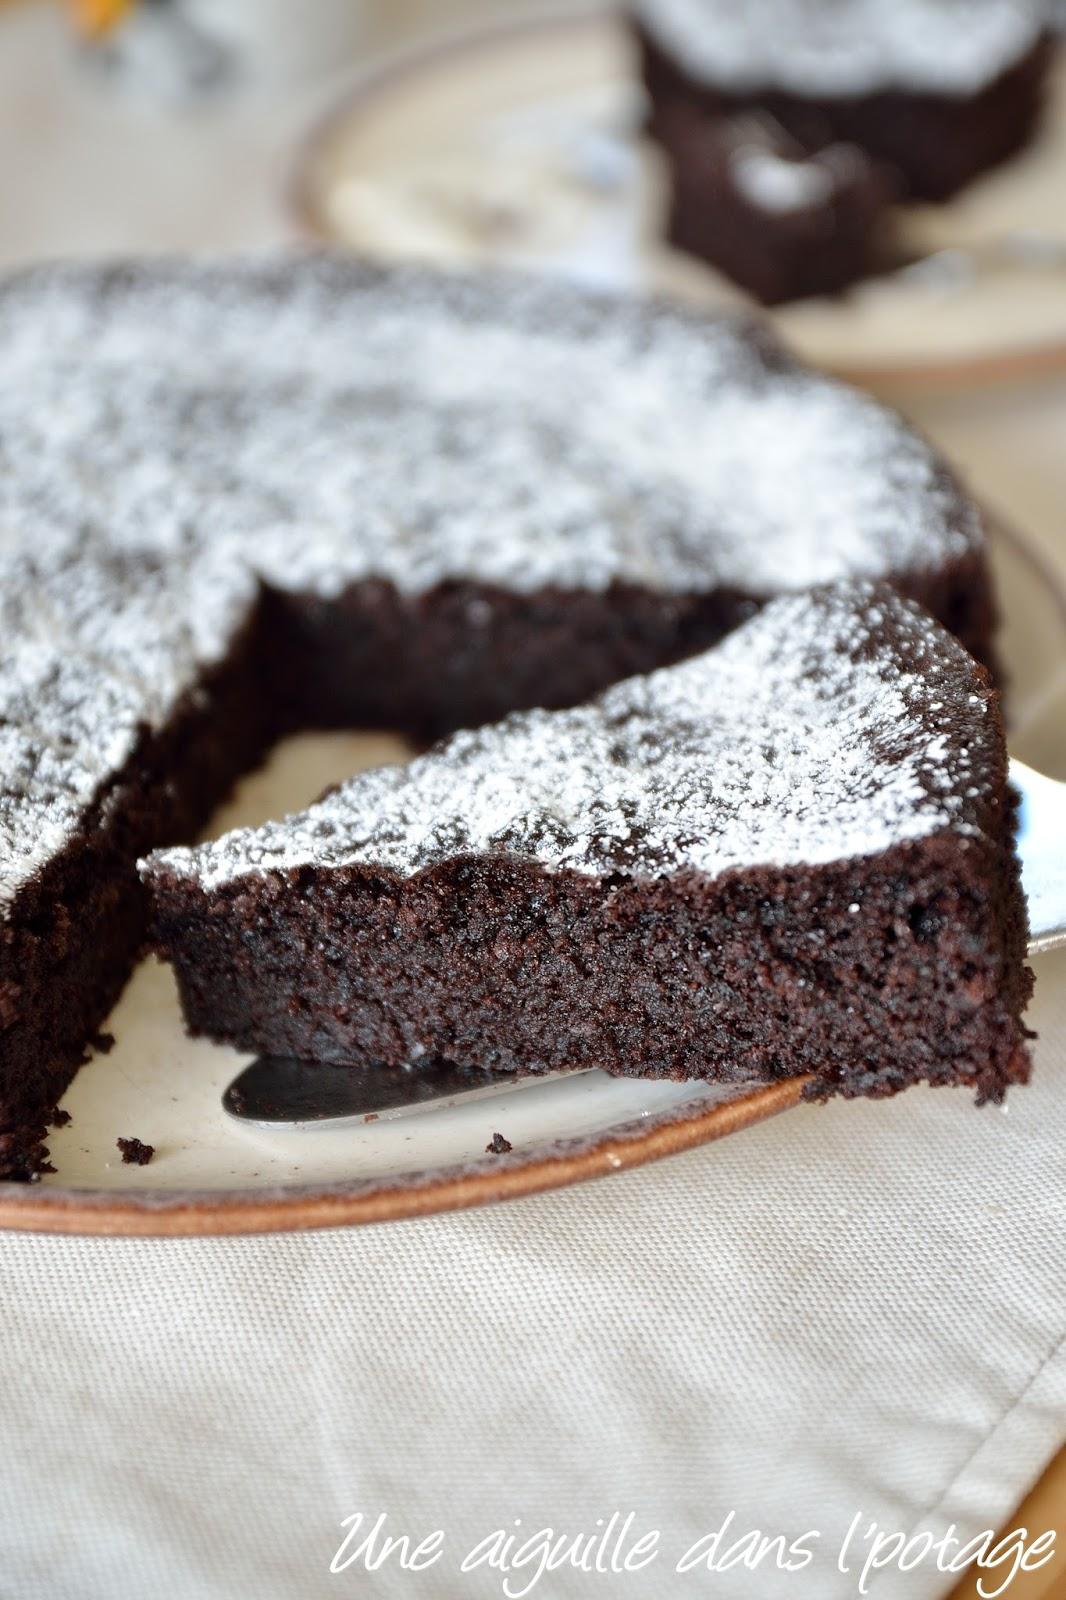 Gateau au chocolat sans farine de nigella